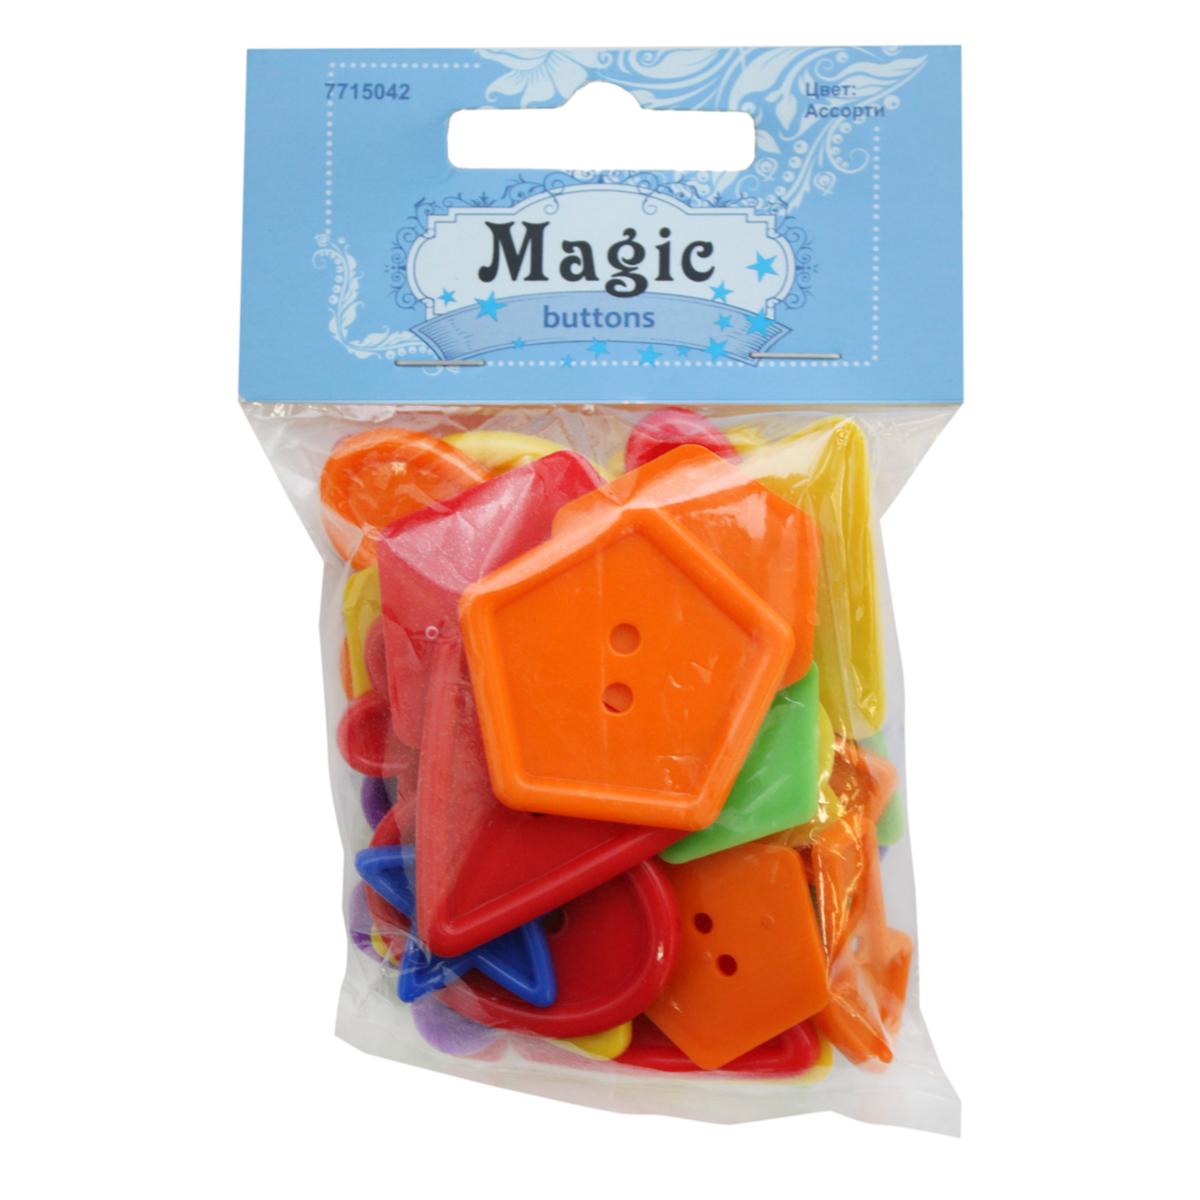 Пуговицы декоративные Magic Buttons Фигуры. Ассорти, 30 г7715042_АссортиЯркие пуговицы бренда Magic Buttons восхищают разнообразием стилей и цветов. Они станут отличным дополнением в качестве завершающего штриха на одежде, кроме того их можно использовать в скрапбуинге, создавать с помощью них интересные открытки, подарочные конверты и многое, многое другое.